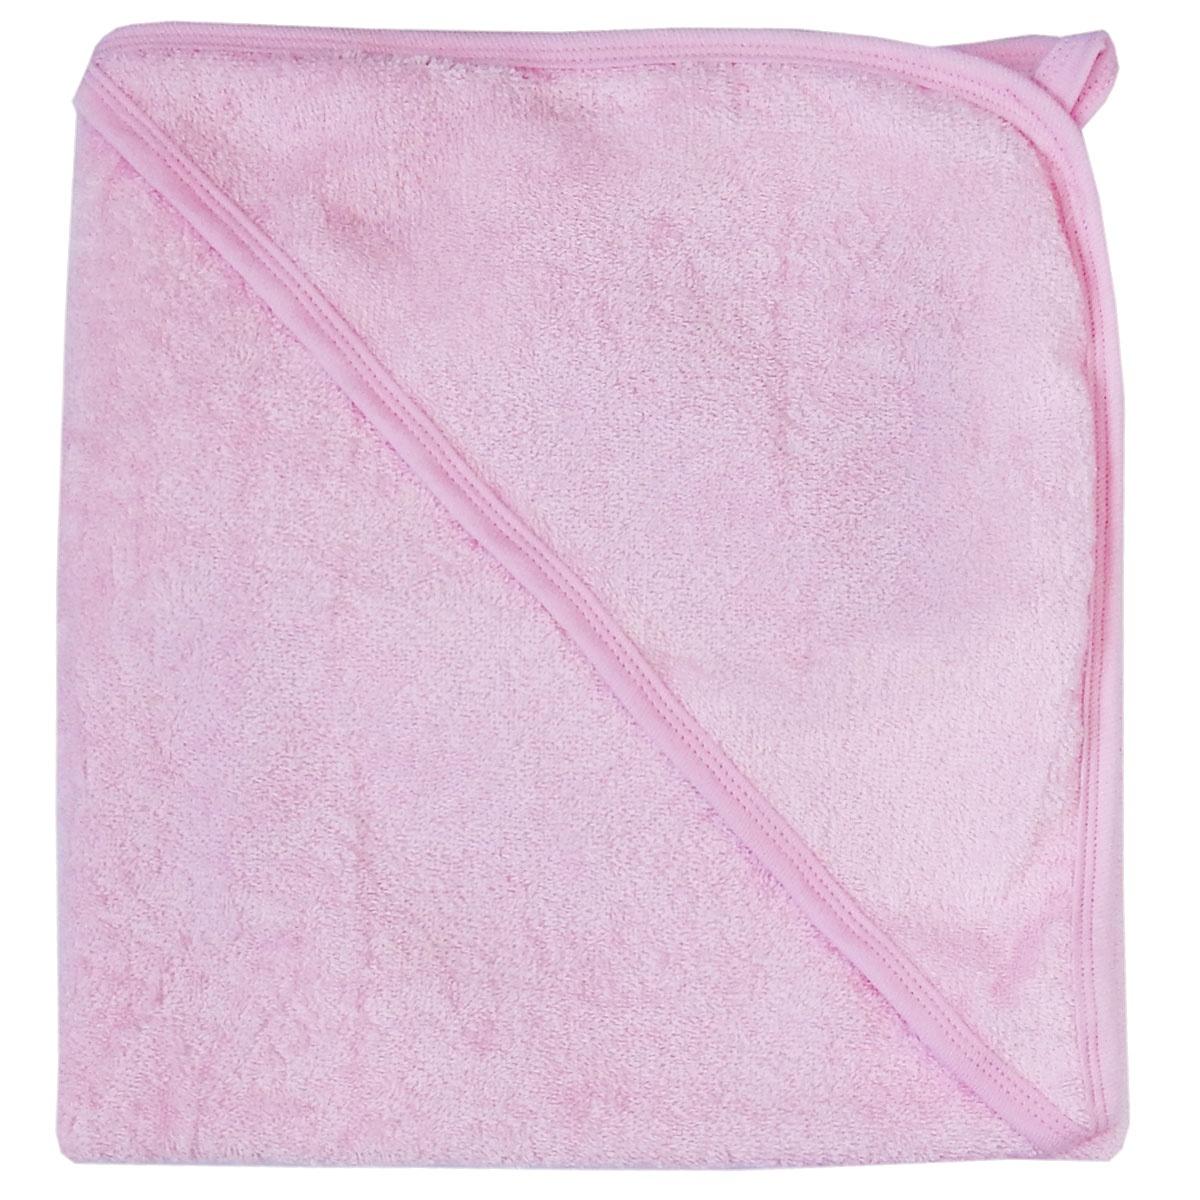 Полотенце детское ПАПИТТО Полотенце для купания с уголком 3013, розовый полотенца bebitof baby детское банное полотенце с уголком bbtf 3208 93х83